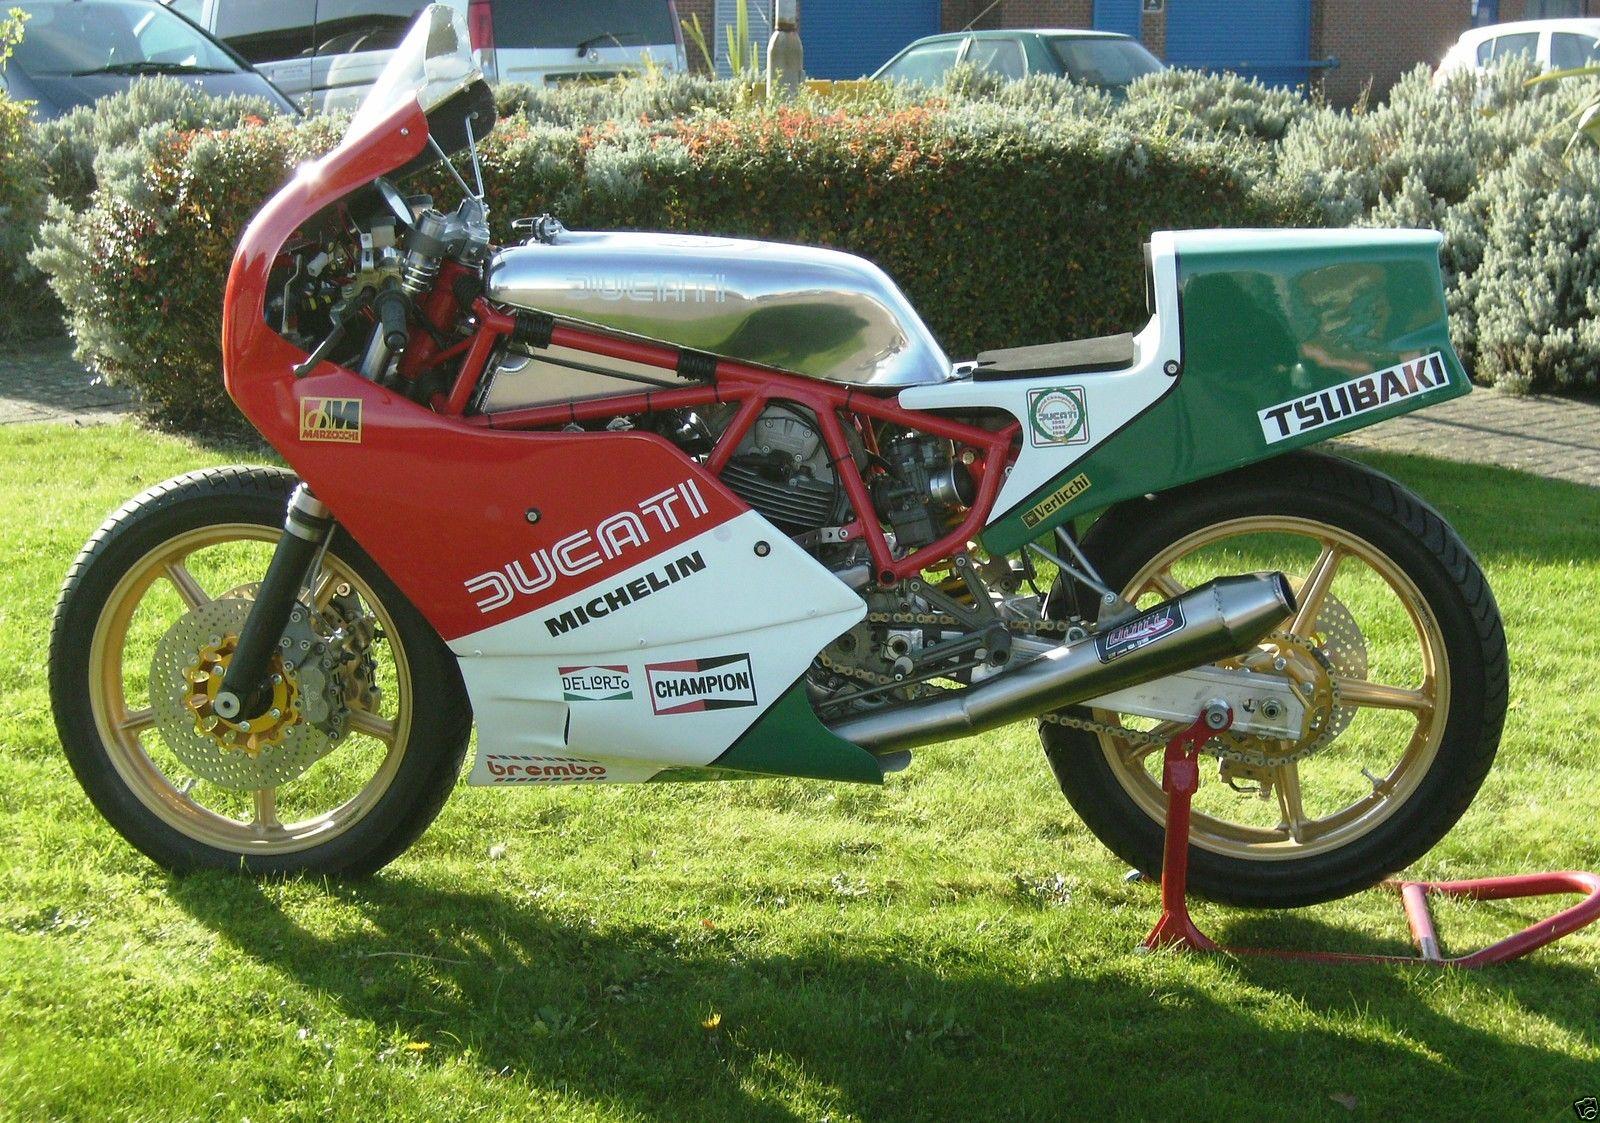 DUCATI F1 RACE BIKE